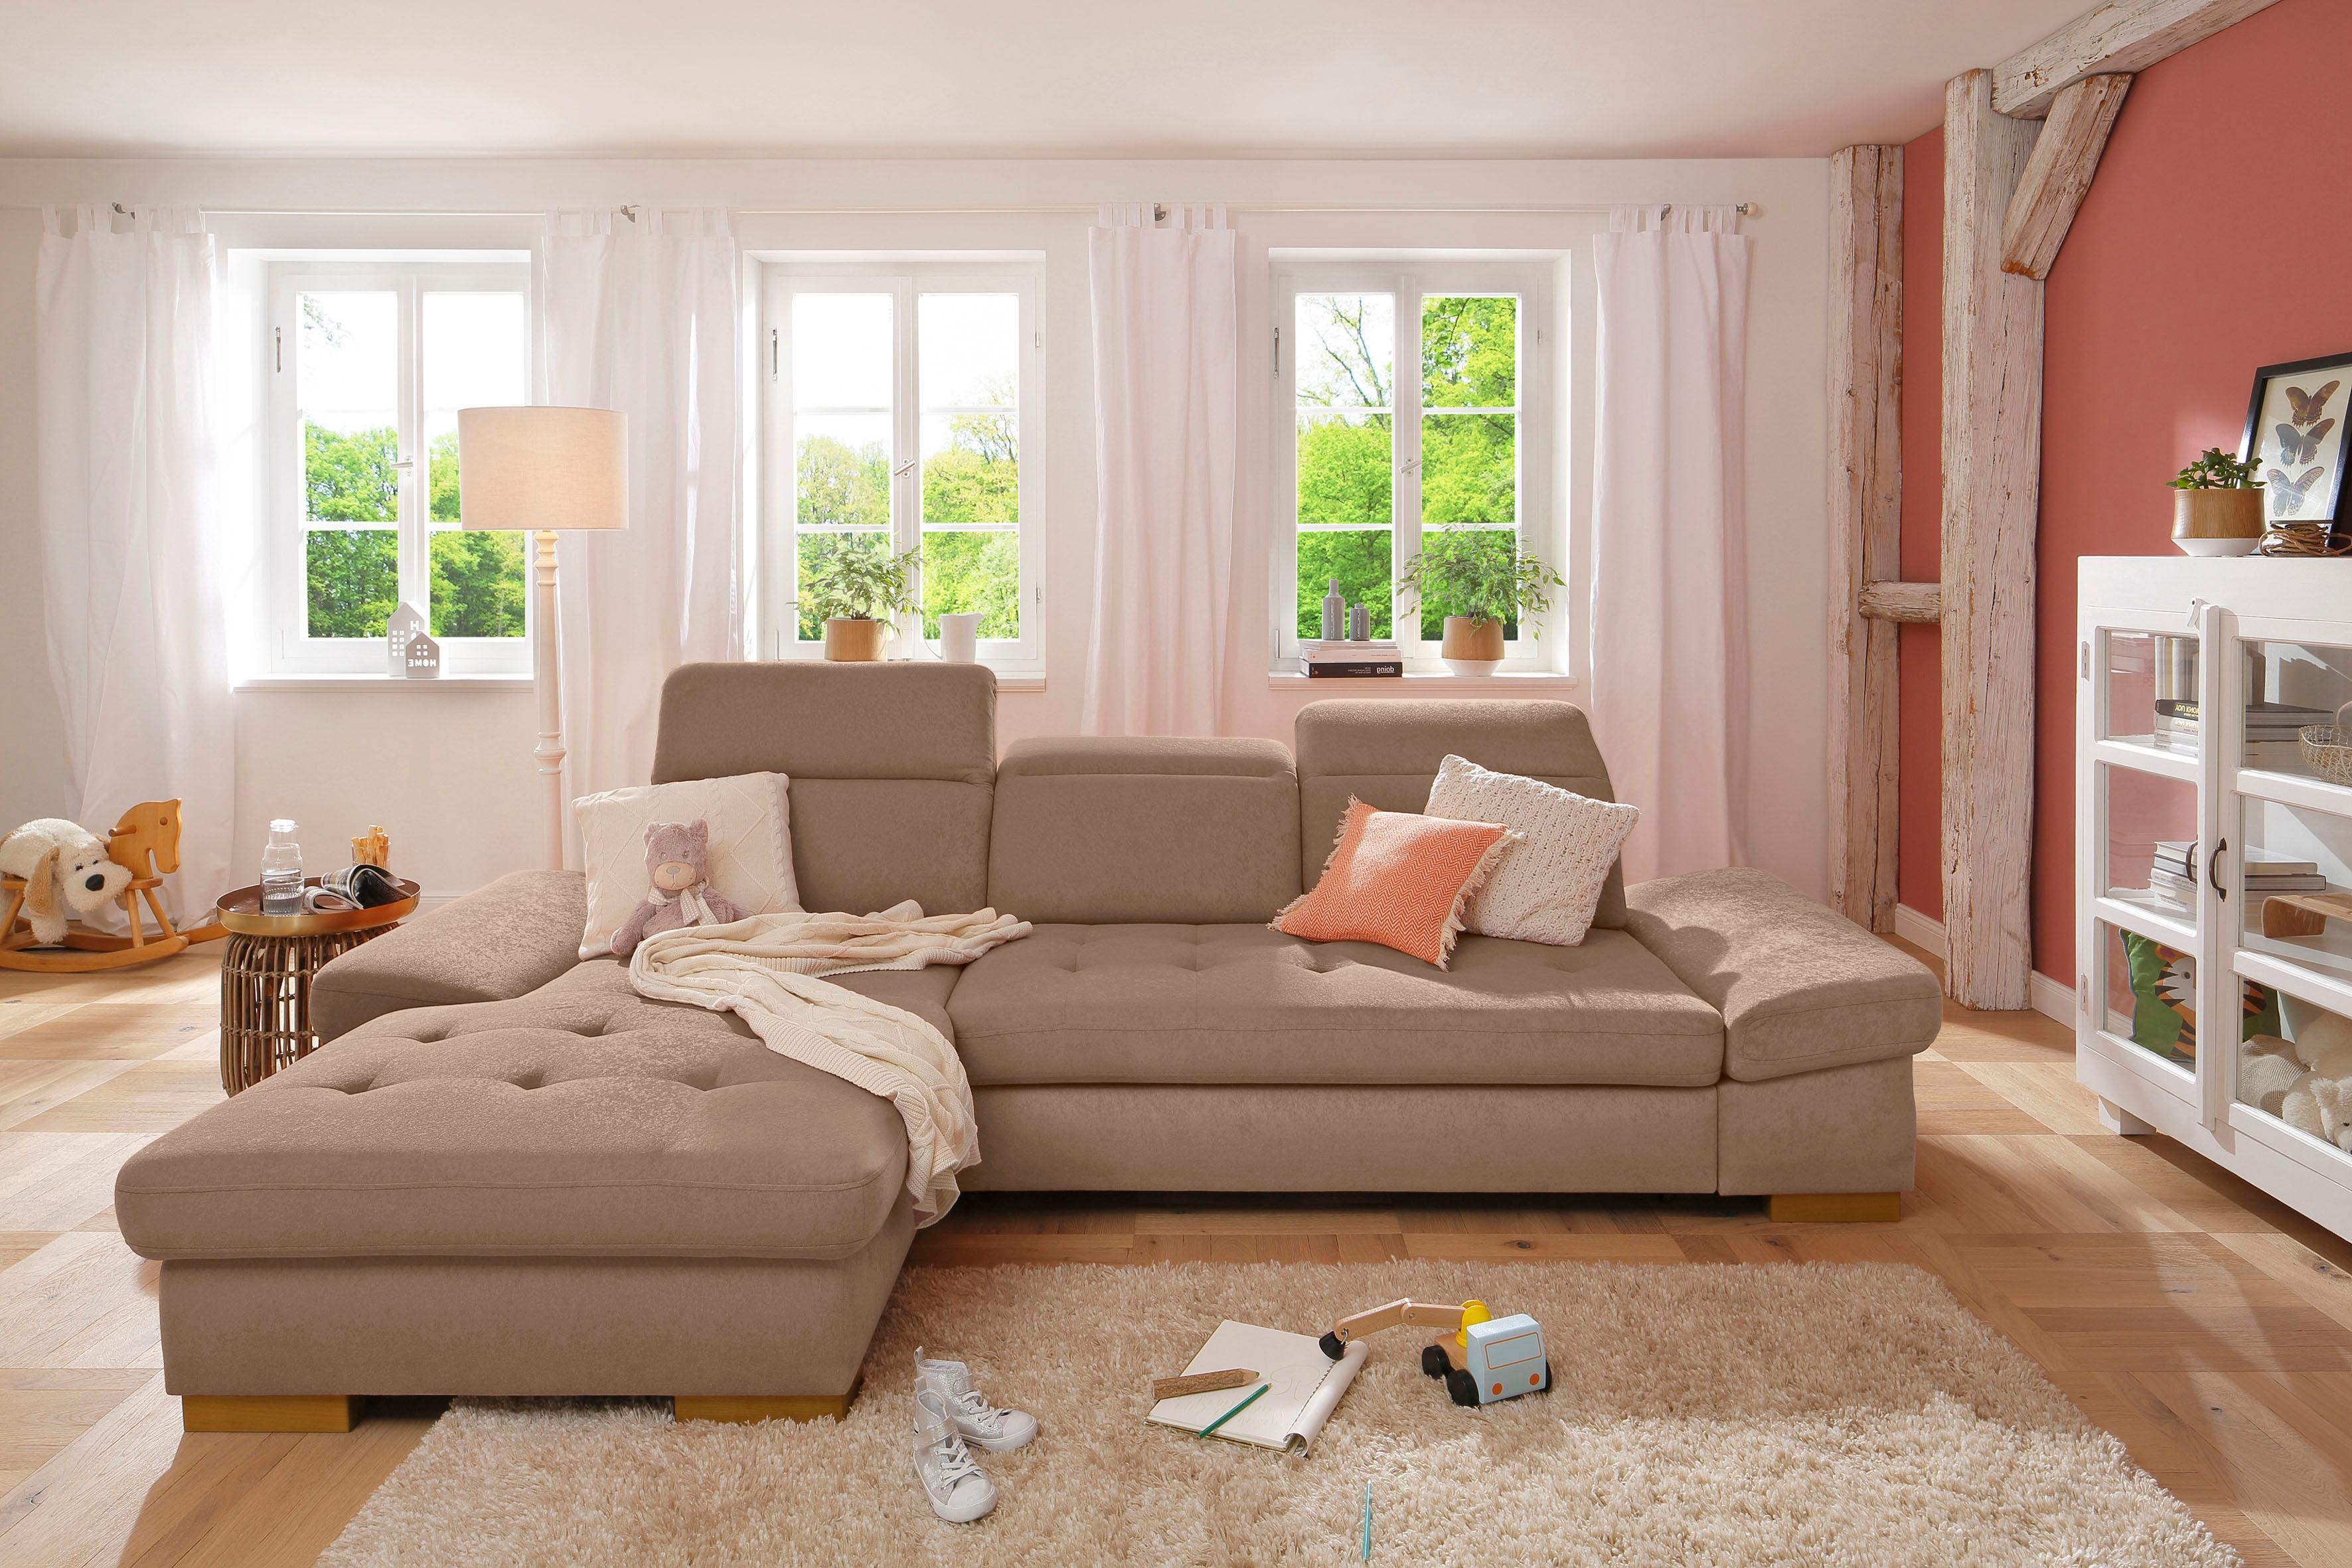 fredriks mobel hersteller fredriks modern living elegant. Black Bedroom Furniture Sets. Home Design Ideas